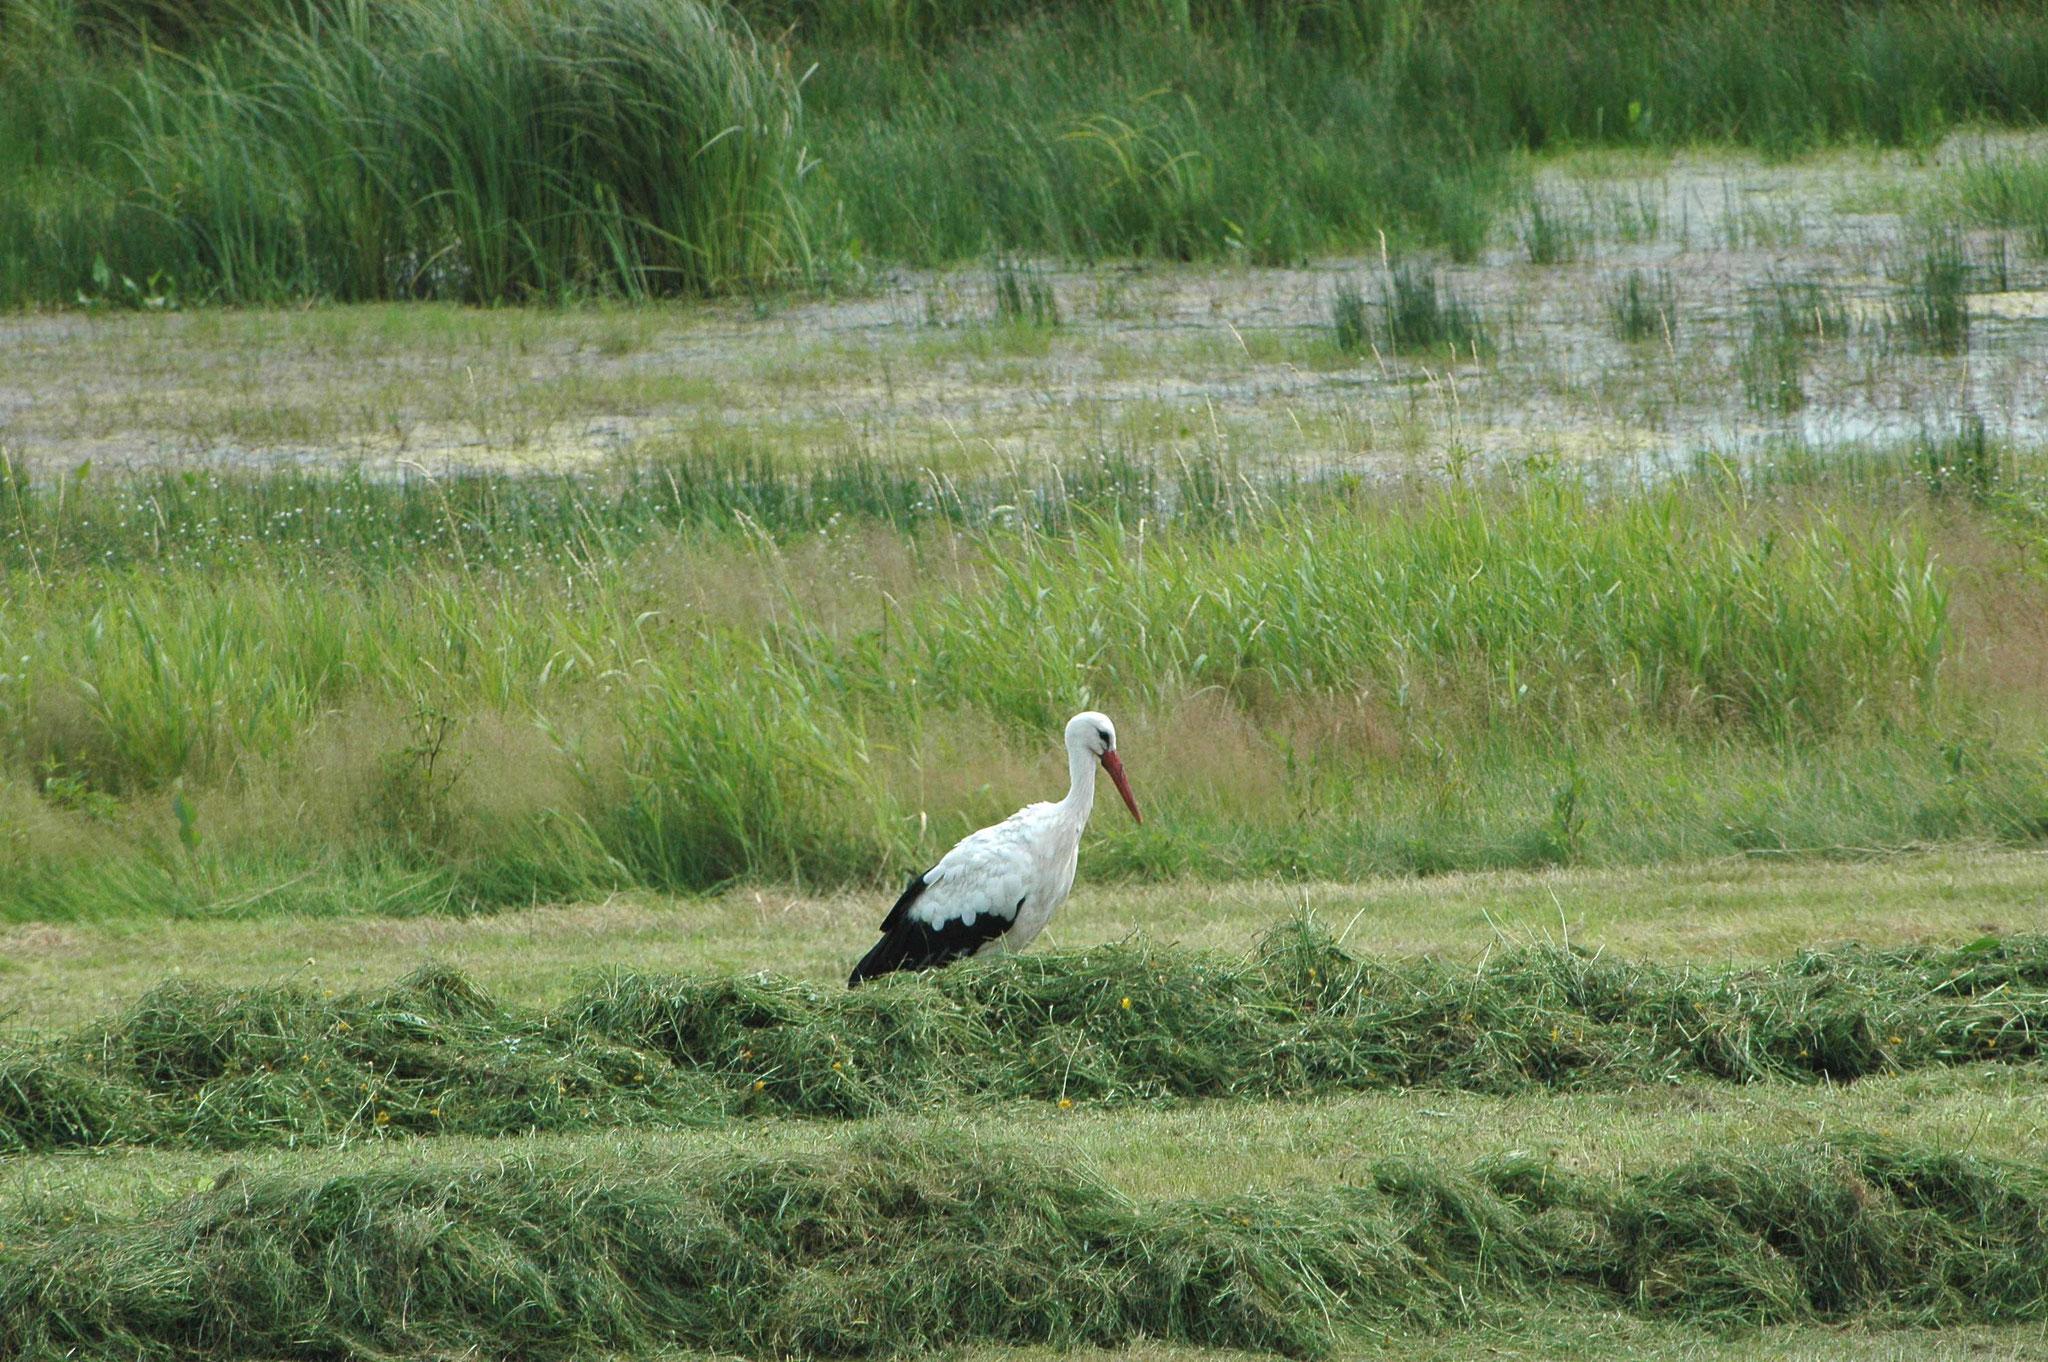 Das Nahrungsangebot reicht derzeit für die Störche nicht mehr aus. Seit 2003 ist der Weißstorch aus dem Umfeld des Vogelschutzgebietes als Brutvogel verschwunden. Foto: M. Steven